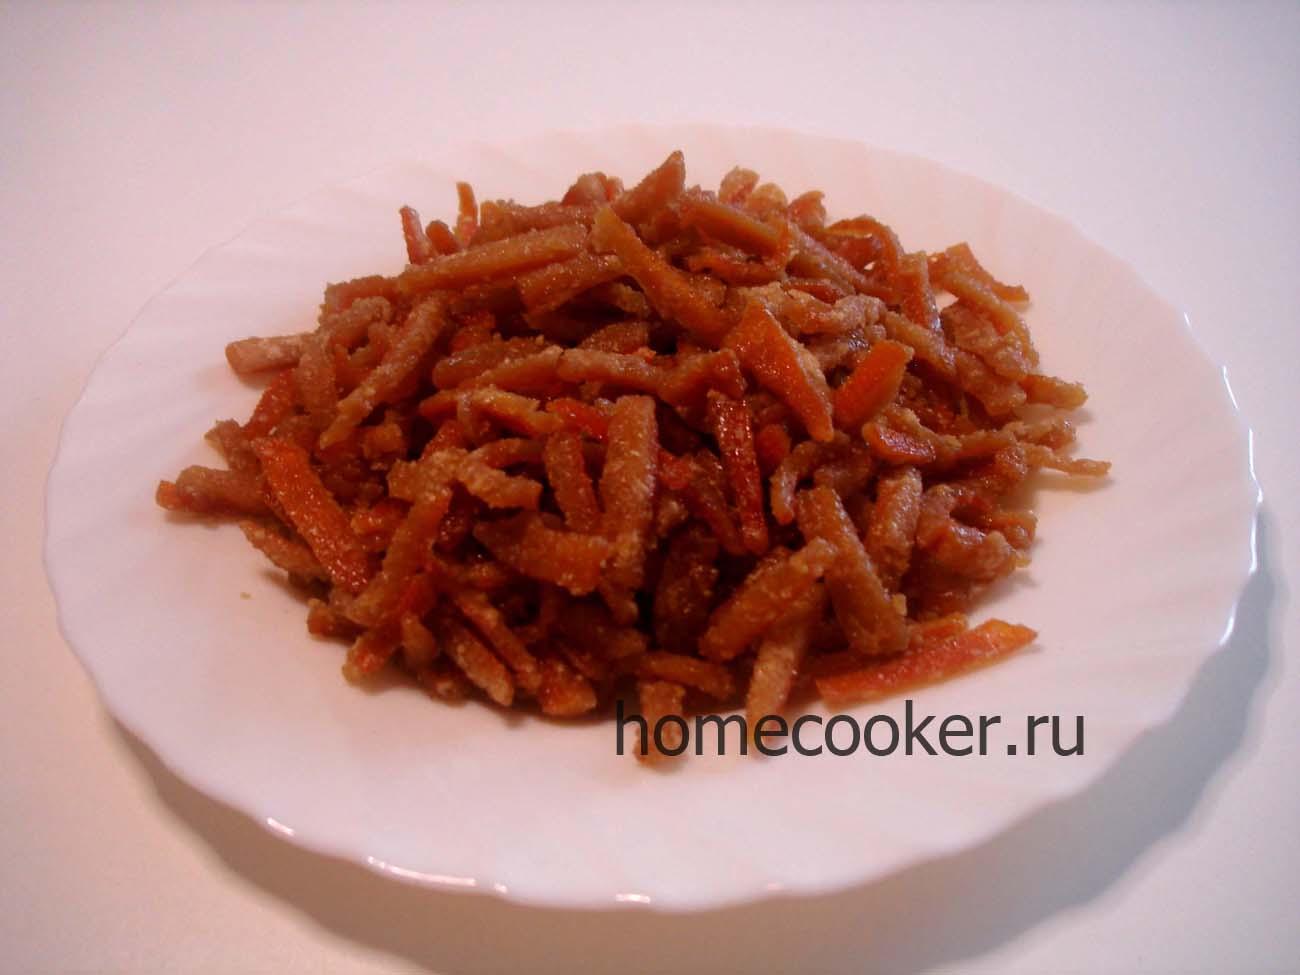 Засахаренные овощи в сиропе